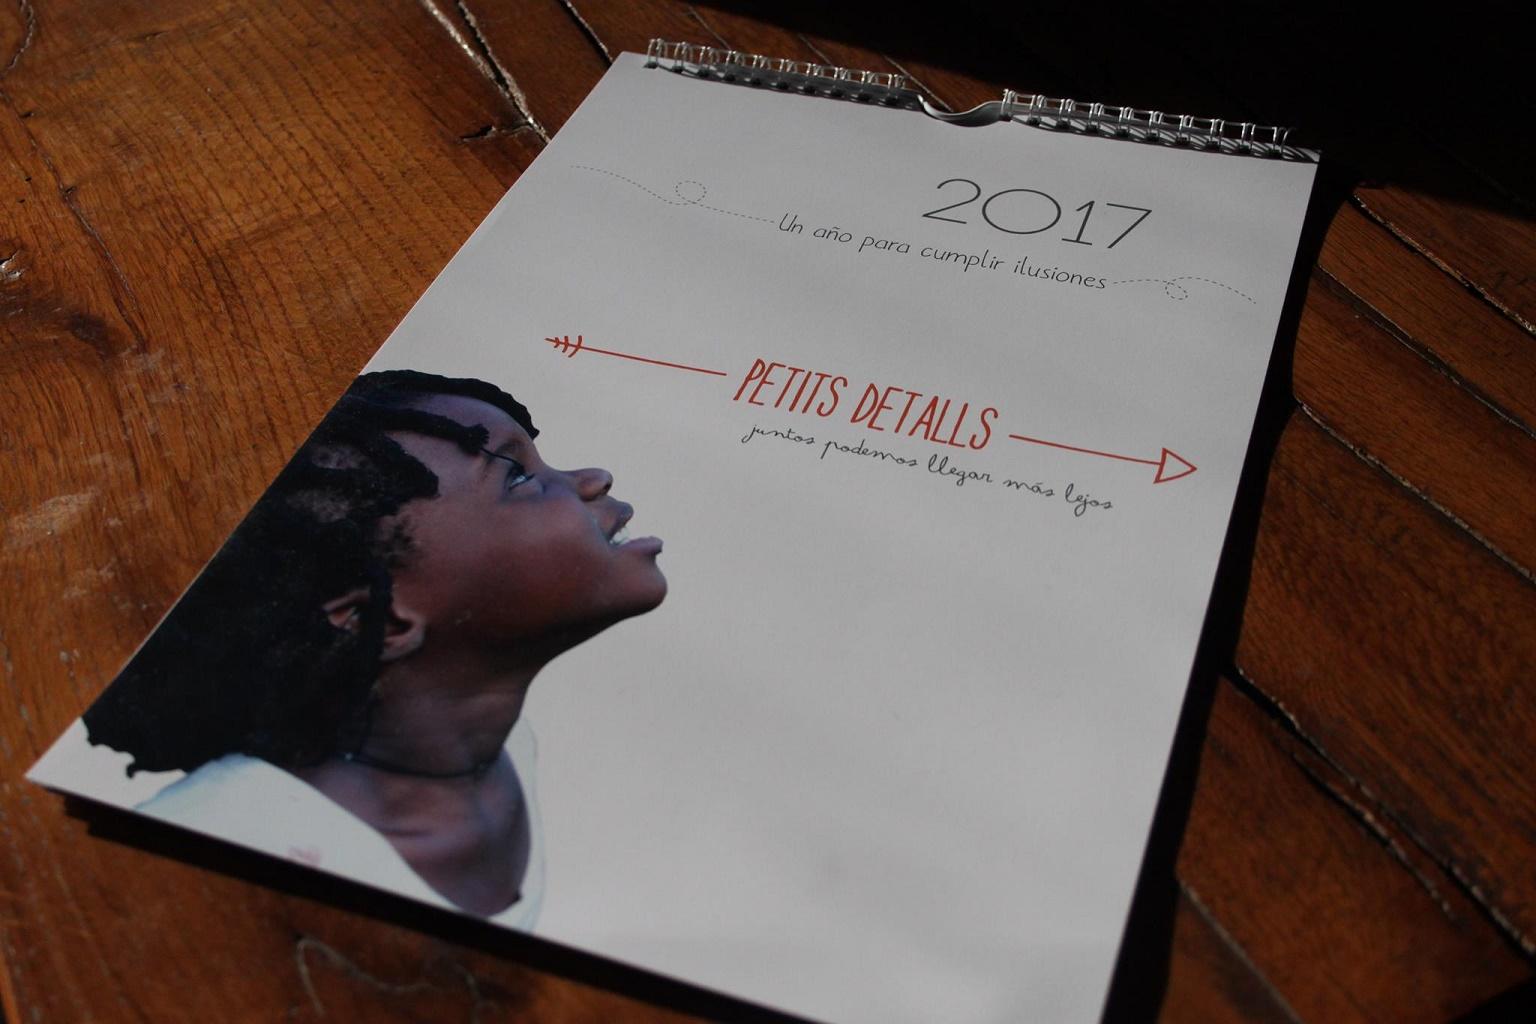 calendario-petits-detalls